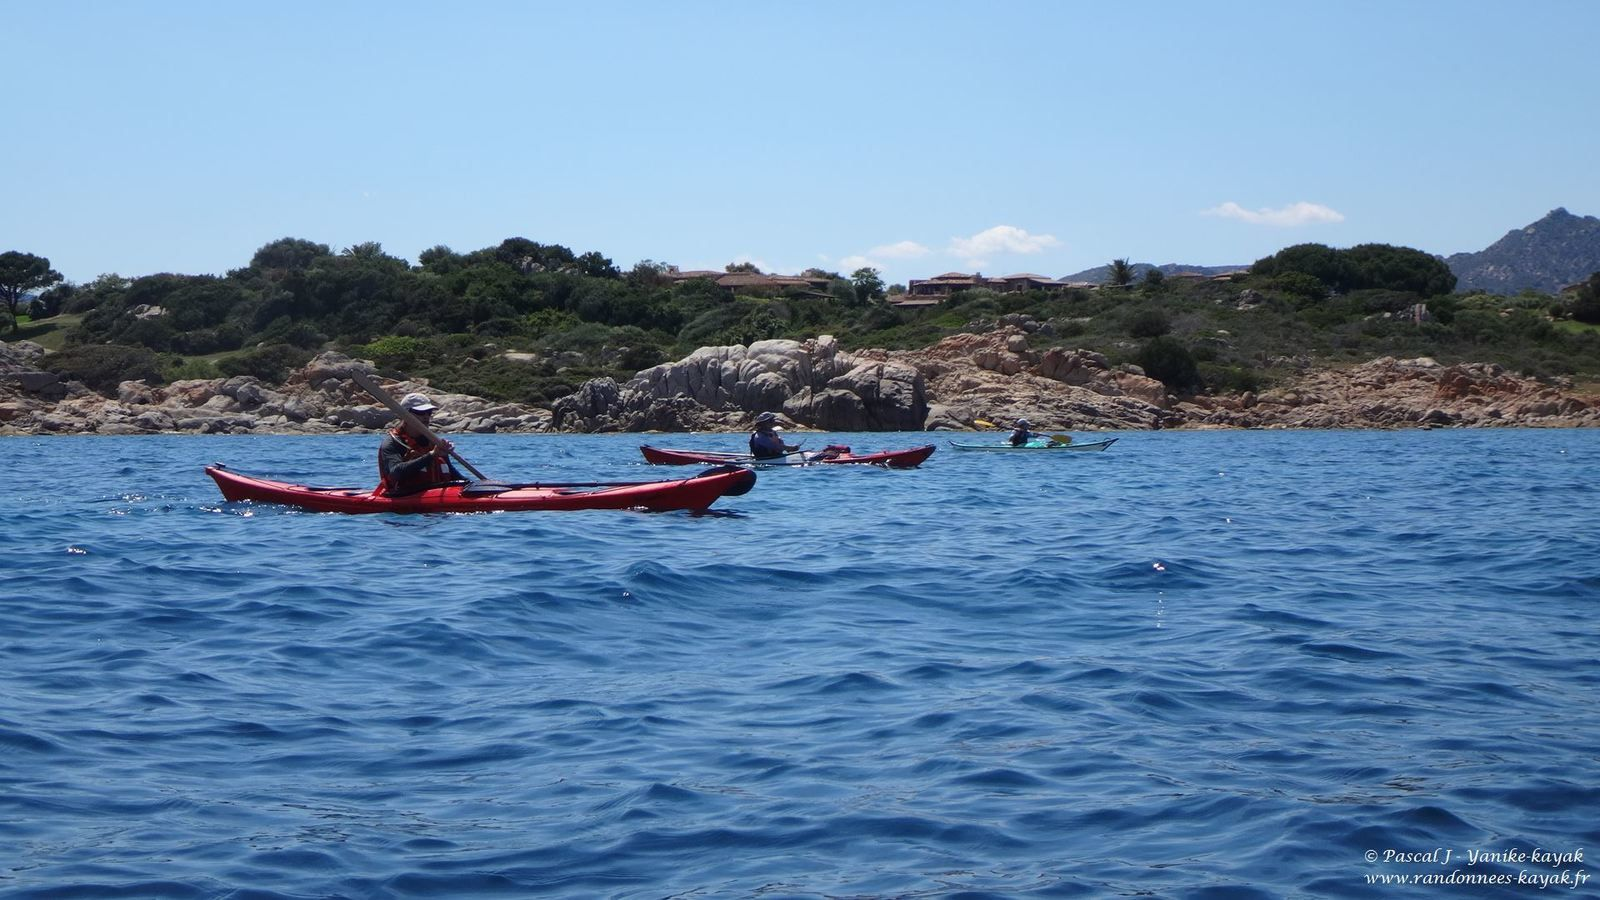 Sardegna 2019, una nuova avventura - Chapitre 11 - Capo Coda Cavallo vers lagune de San Teodoro via Piccola Tahiti